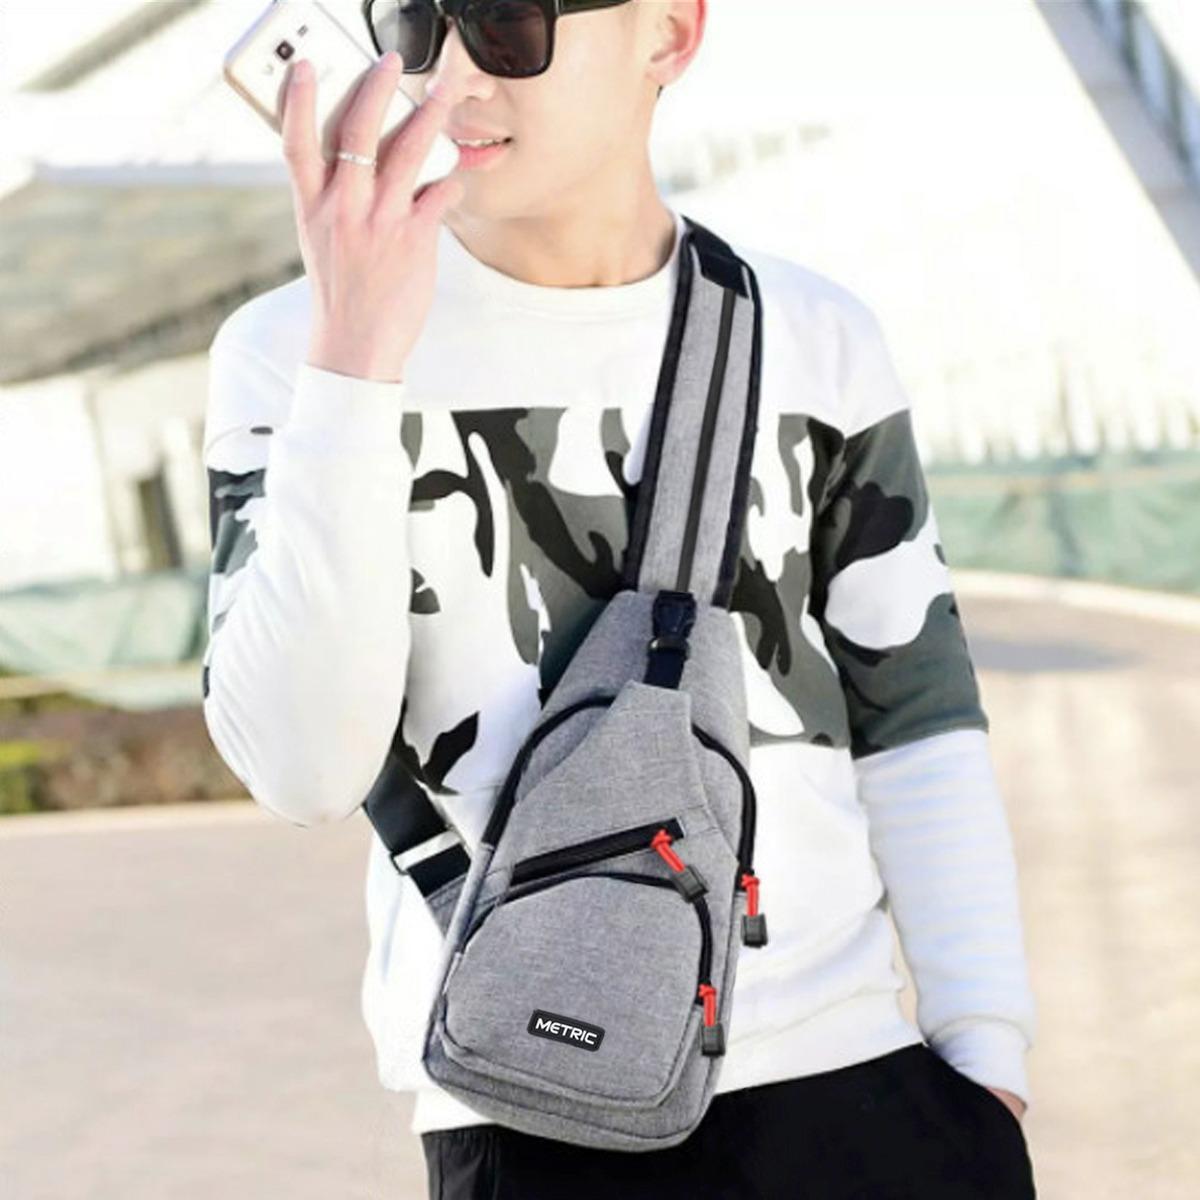 Jual Metric Tas Ransel Tas Waistbag Tas Selempang Tas Gadget Size 10 Inchi Bisa Ransel Tali Satu Dan Ransel Tali Dua Grey Metric Original